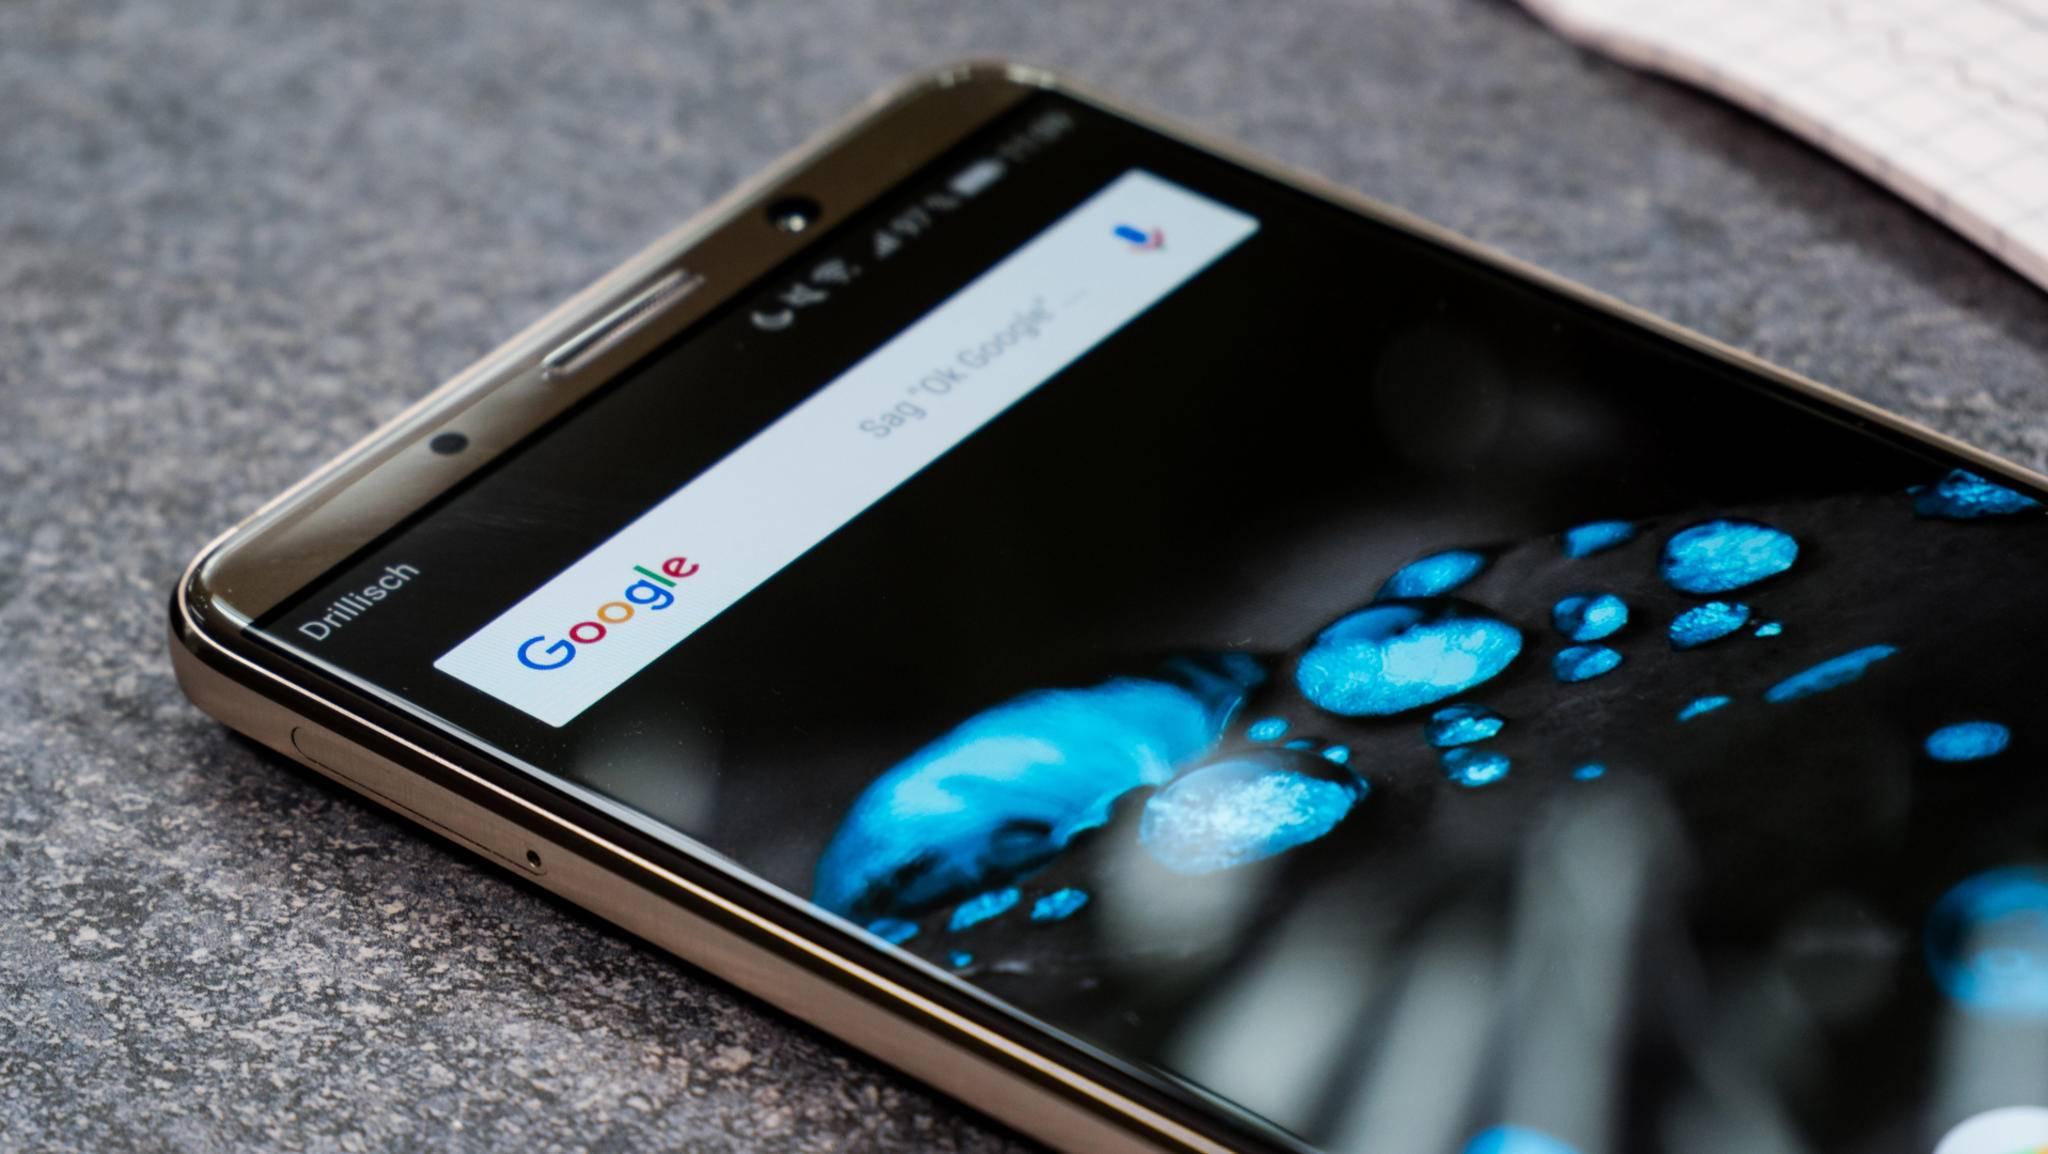 Das Huawei P20 Plus soll einen ebenso großen Akku erhalten wie das Mate 10 Pro.